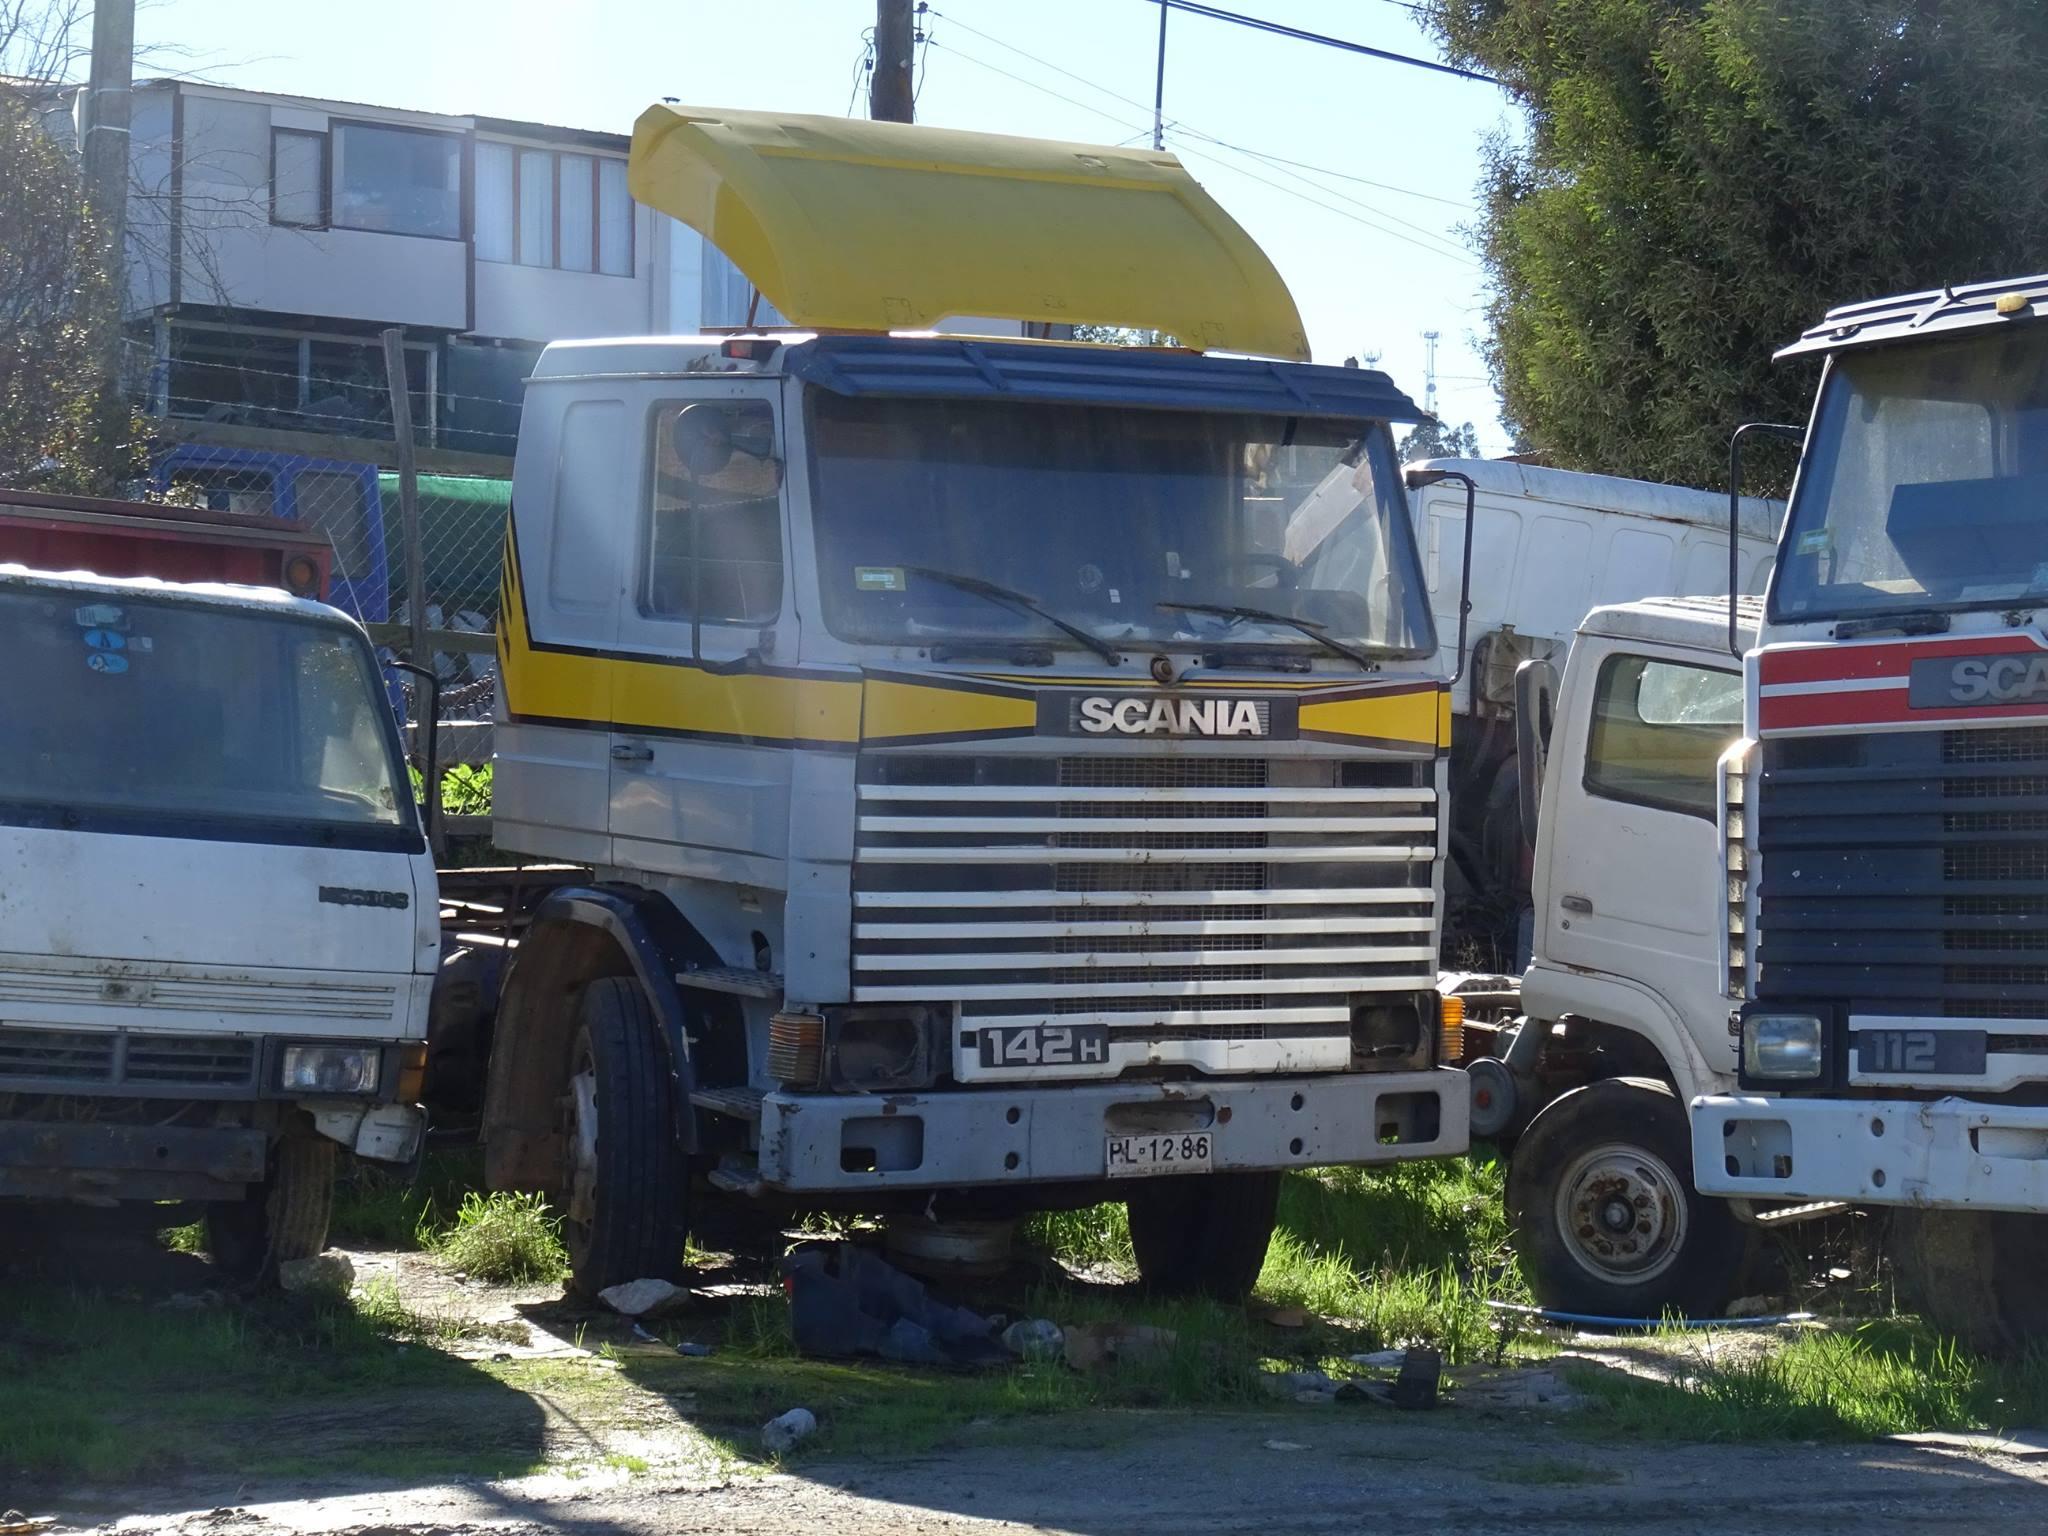 Camiones-vieja-escuela-olvidados-46